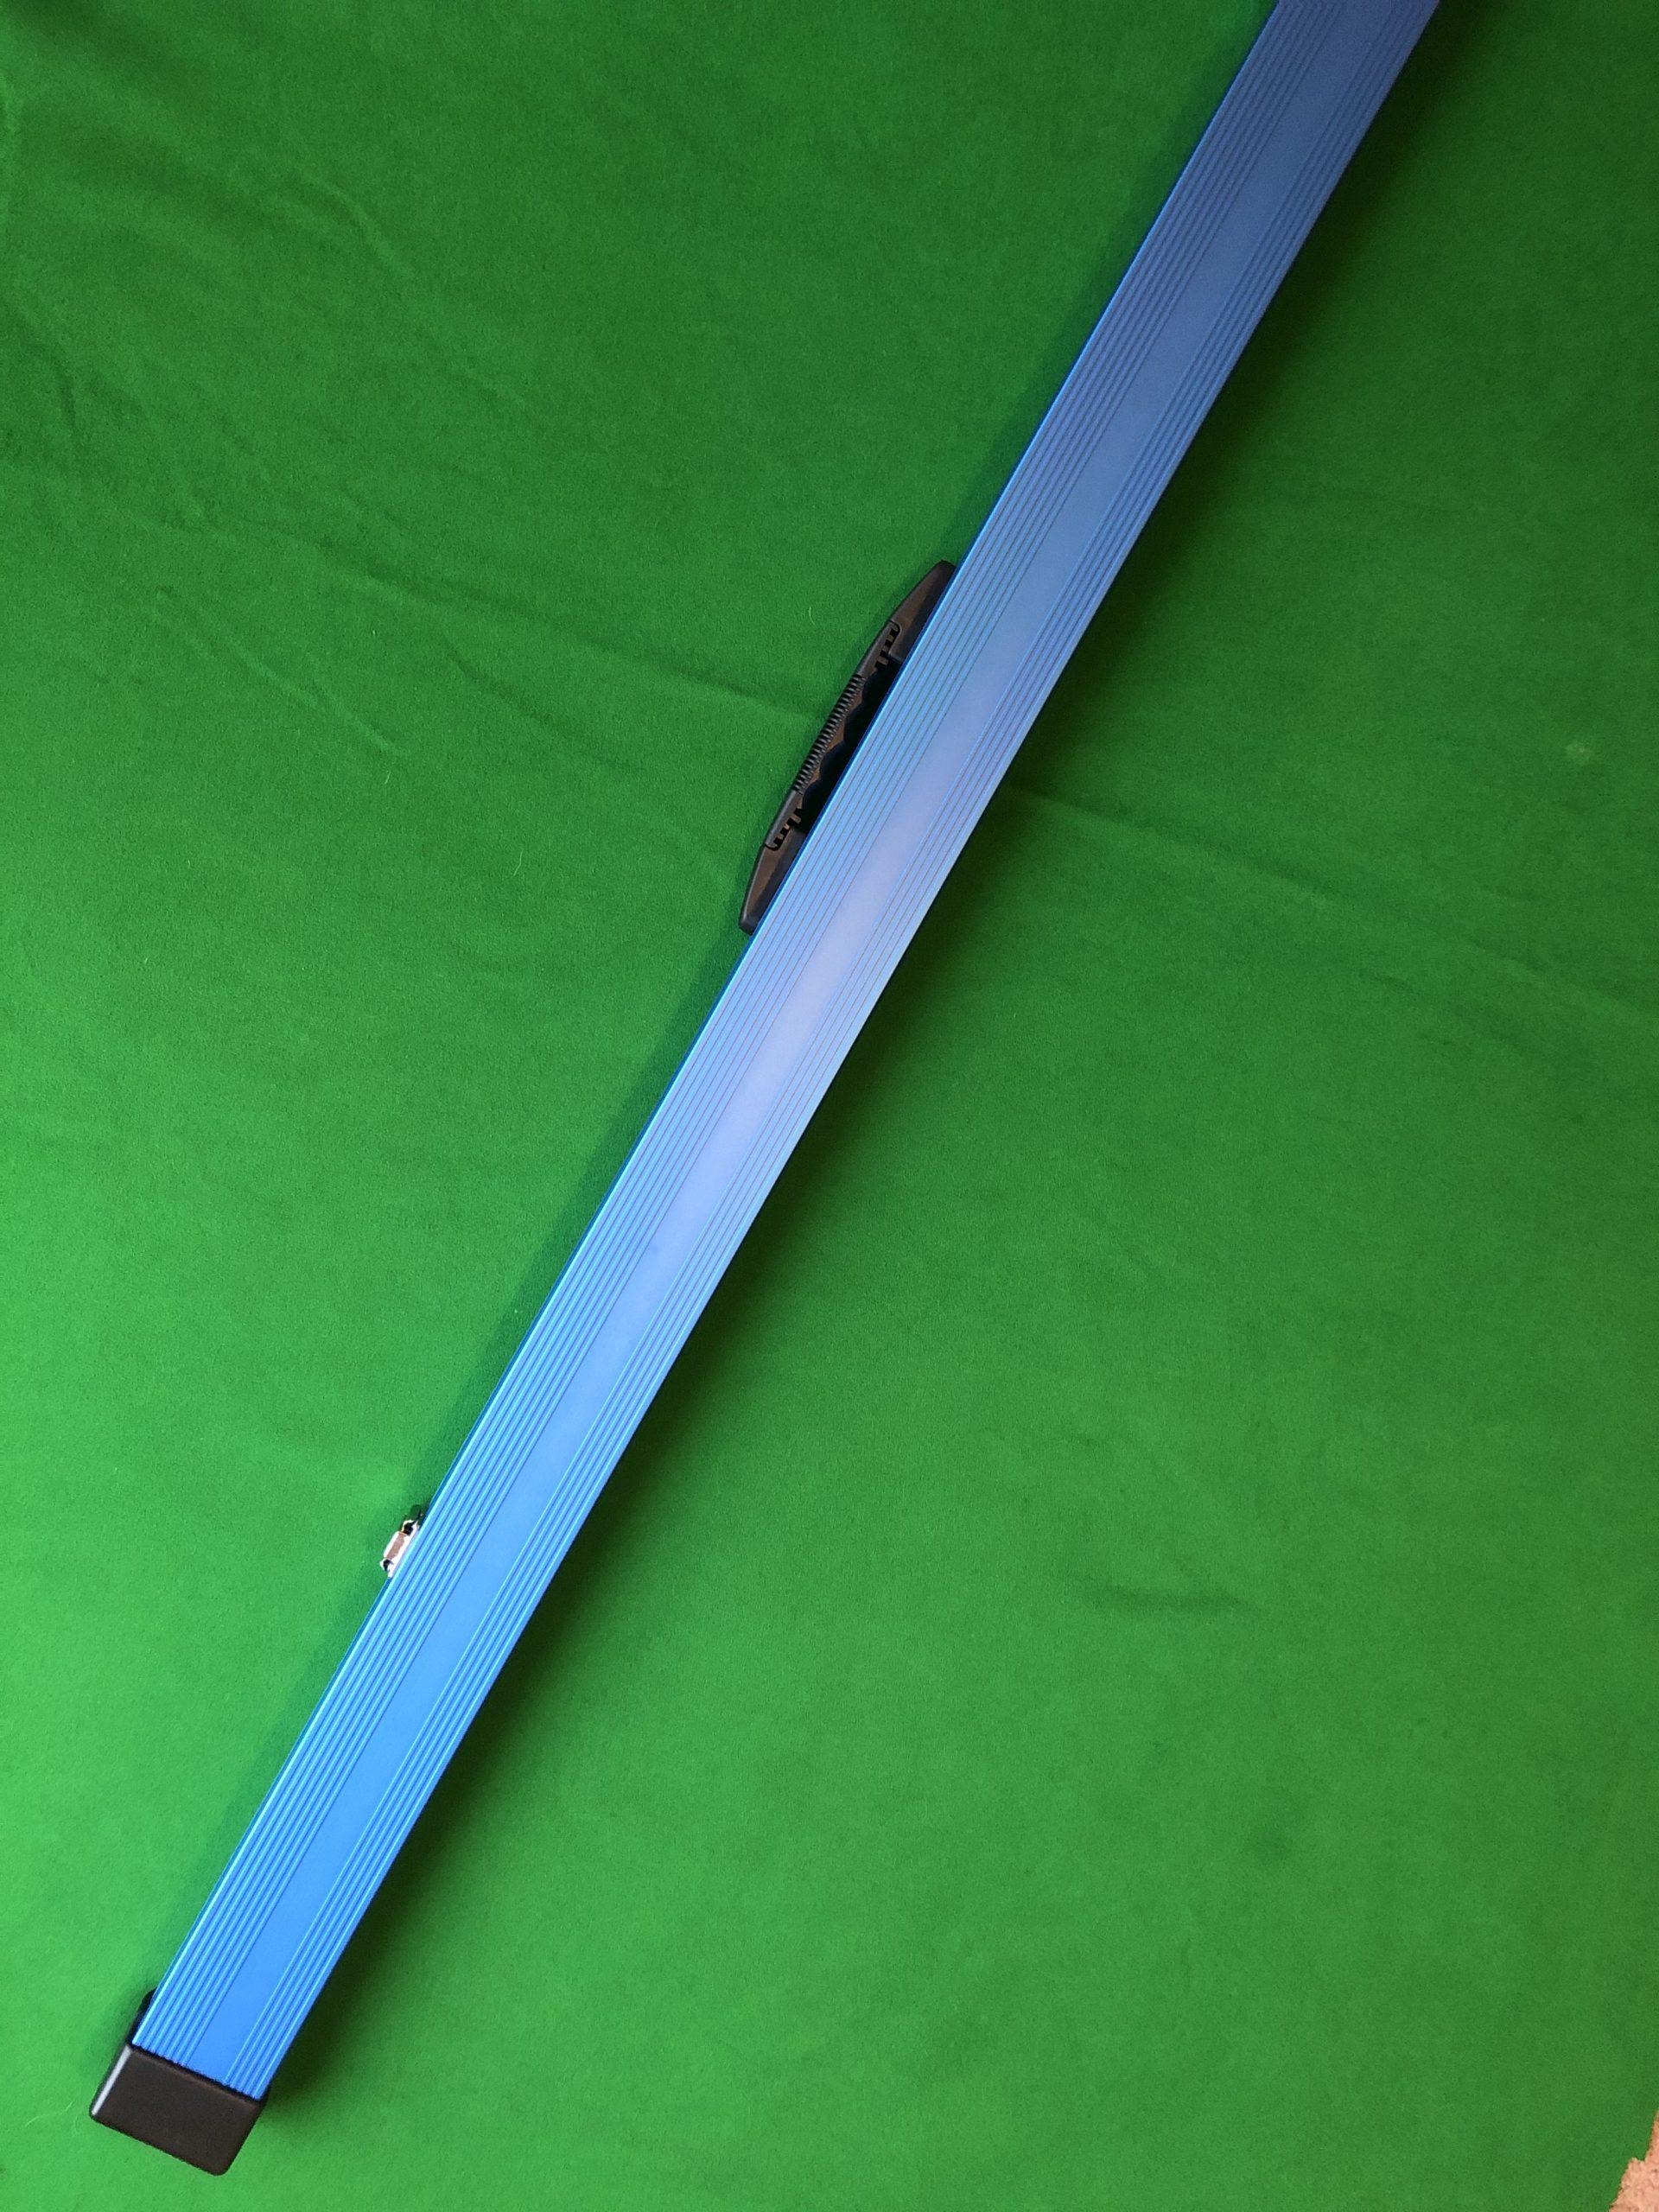 1 Piece Blue Aluminium Cue Case